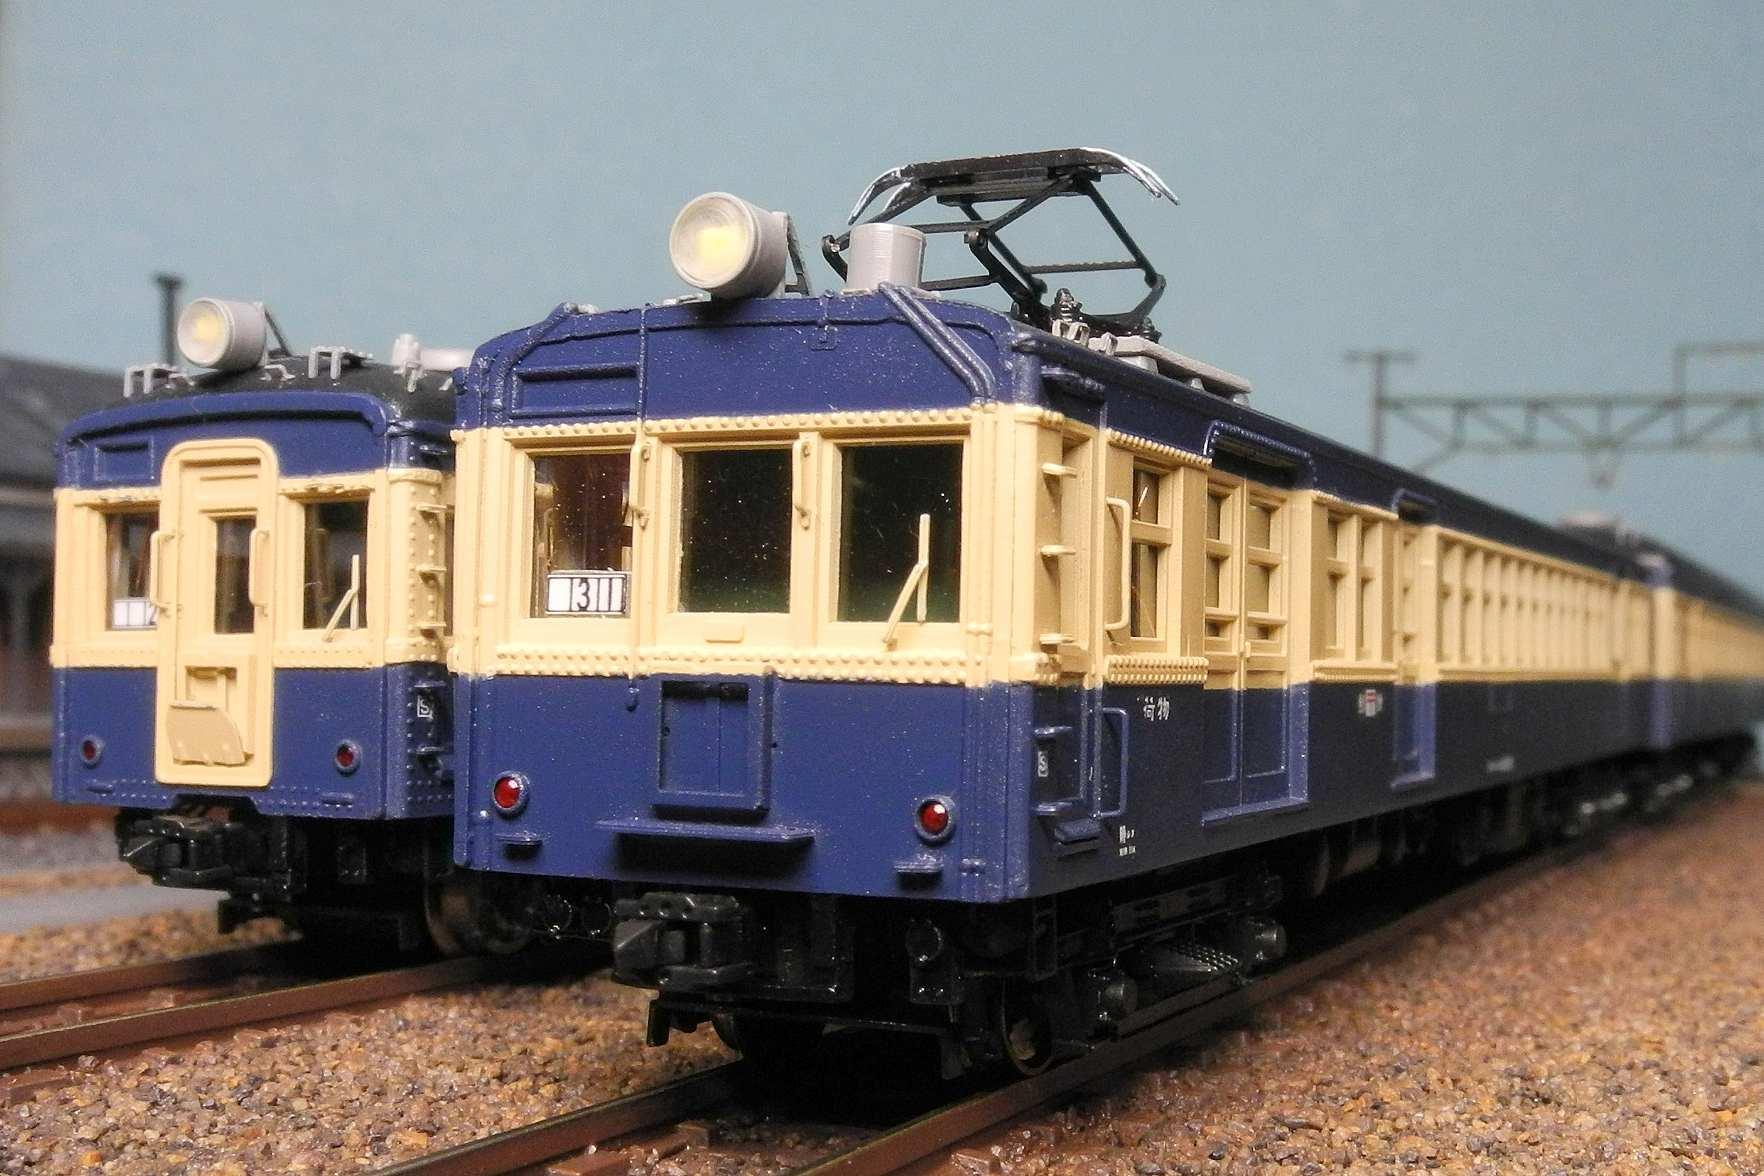 DSCN7009-1.jpg